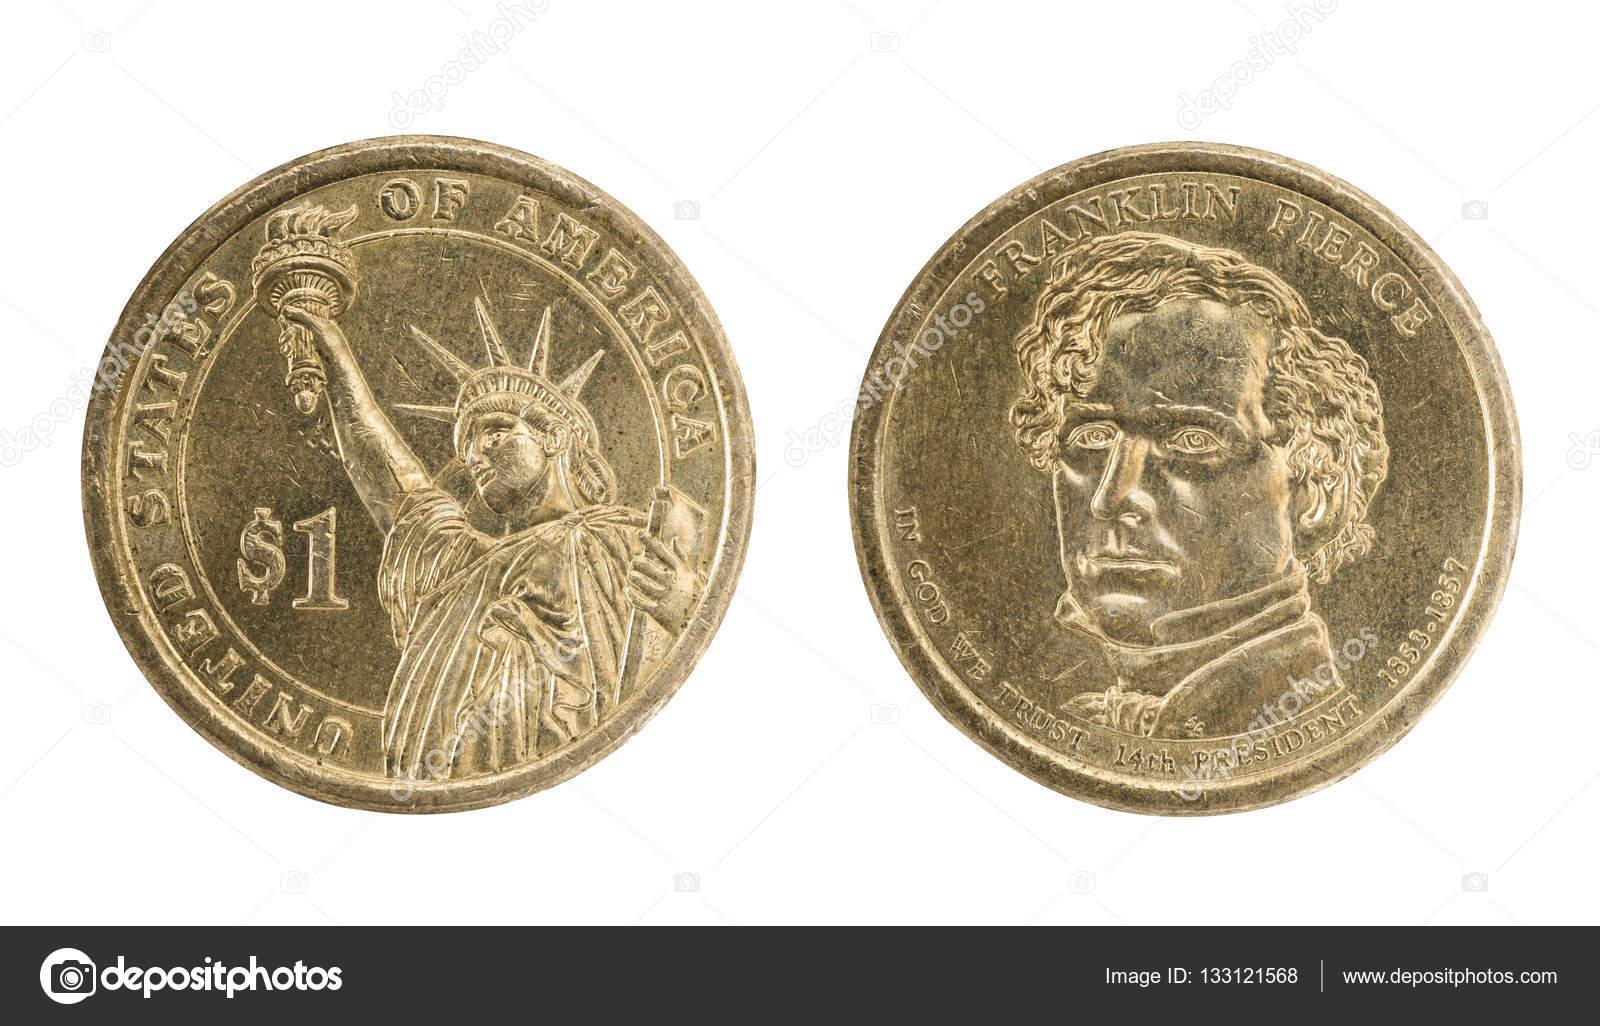 Vorder Und Rückseite Usa 1 Dollar Münze Isoliert Auf Weiss